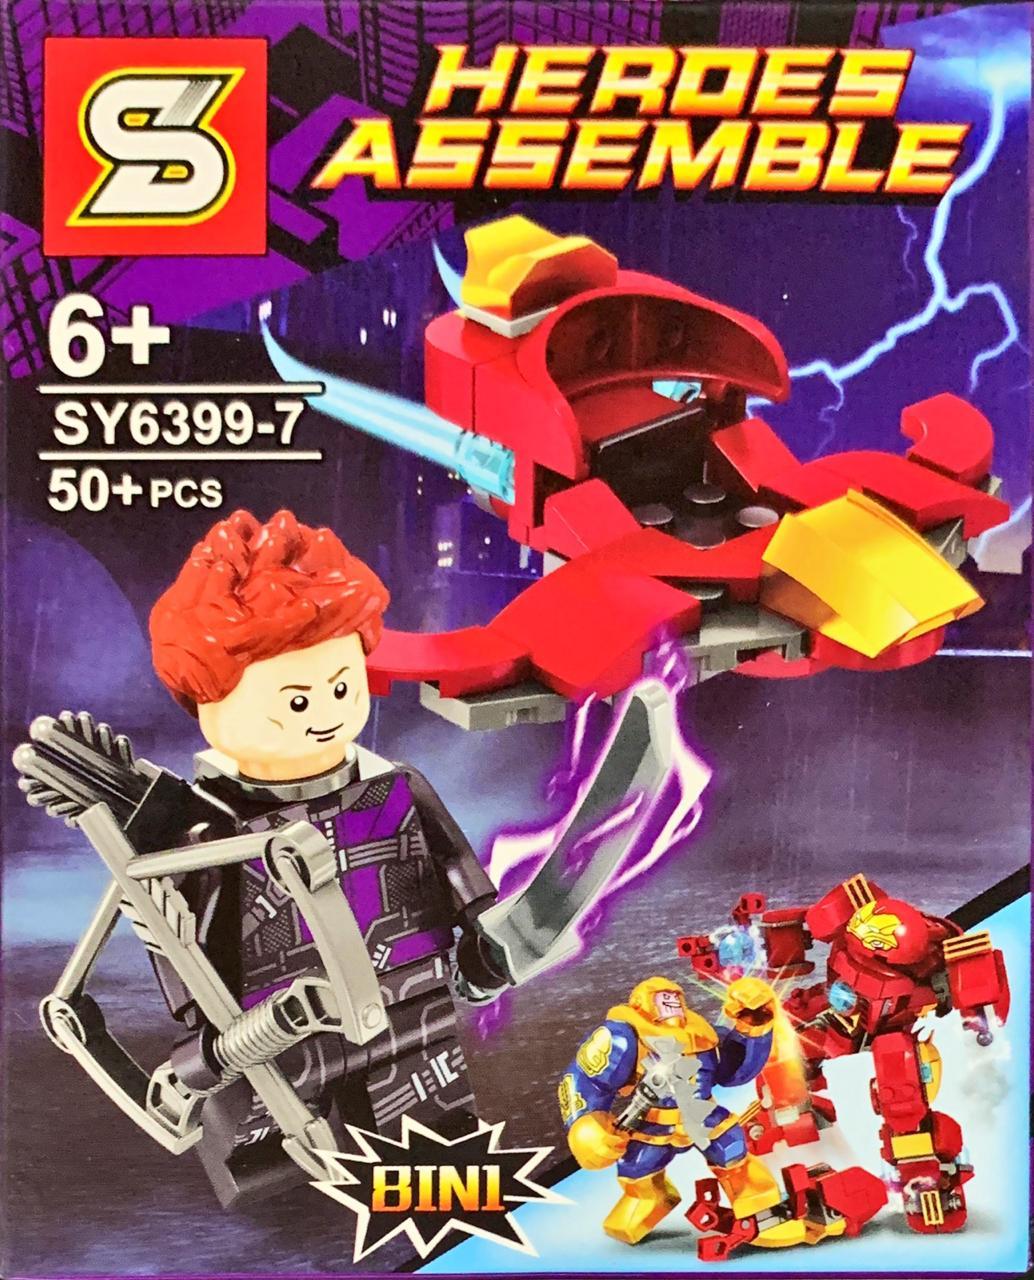 Bloco de Montar Heroes Assemble: Gavião Arqueiro (SY6399-7) - (50 Peças)